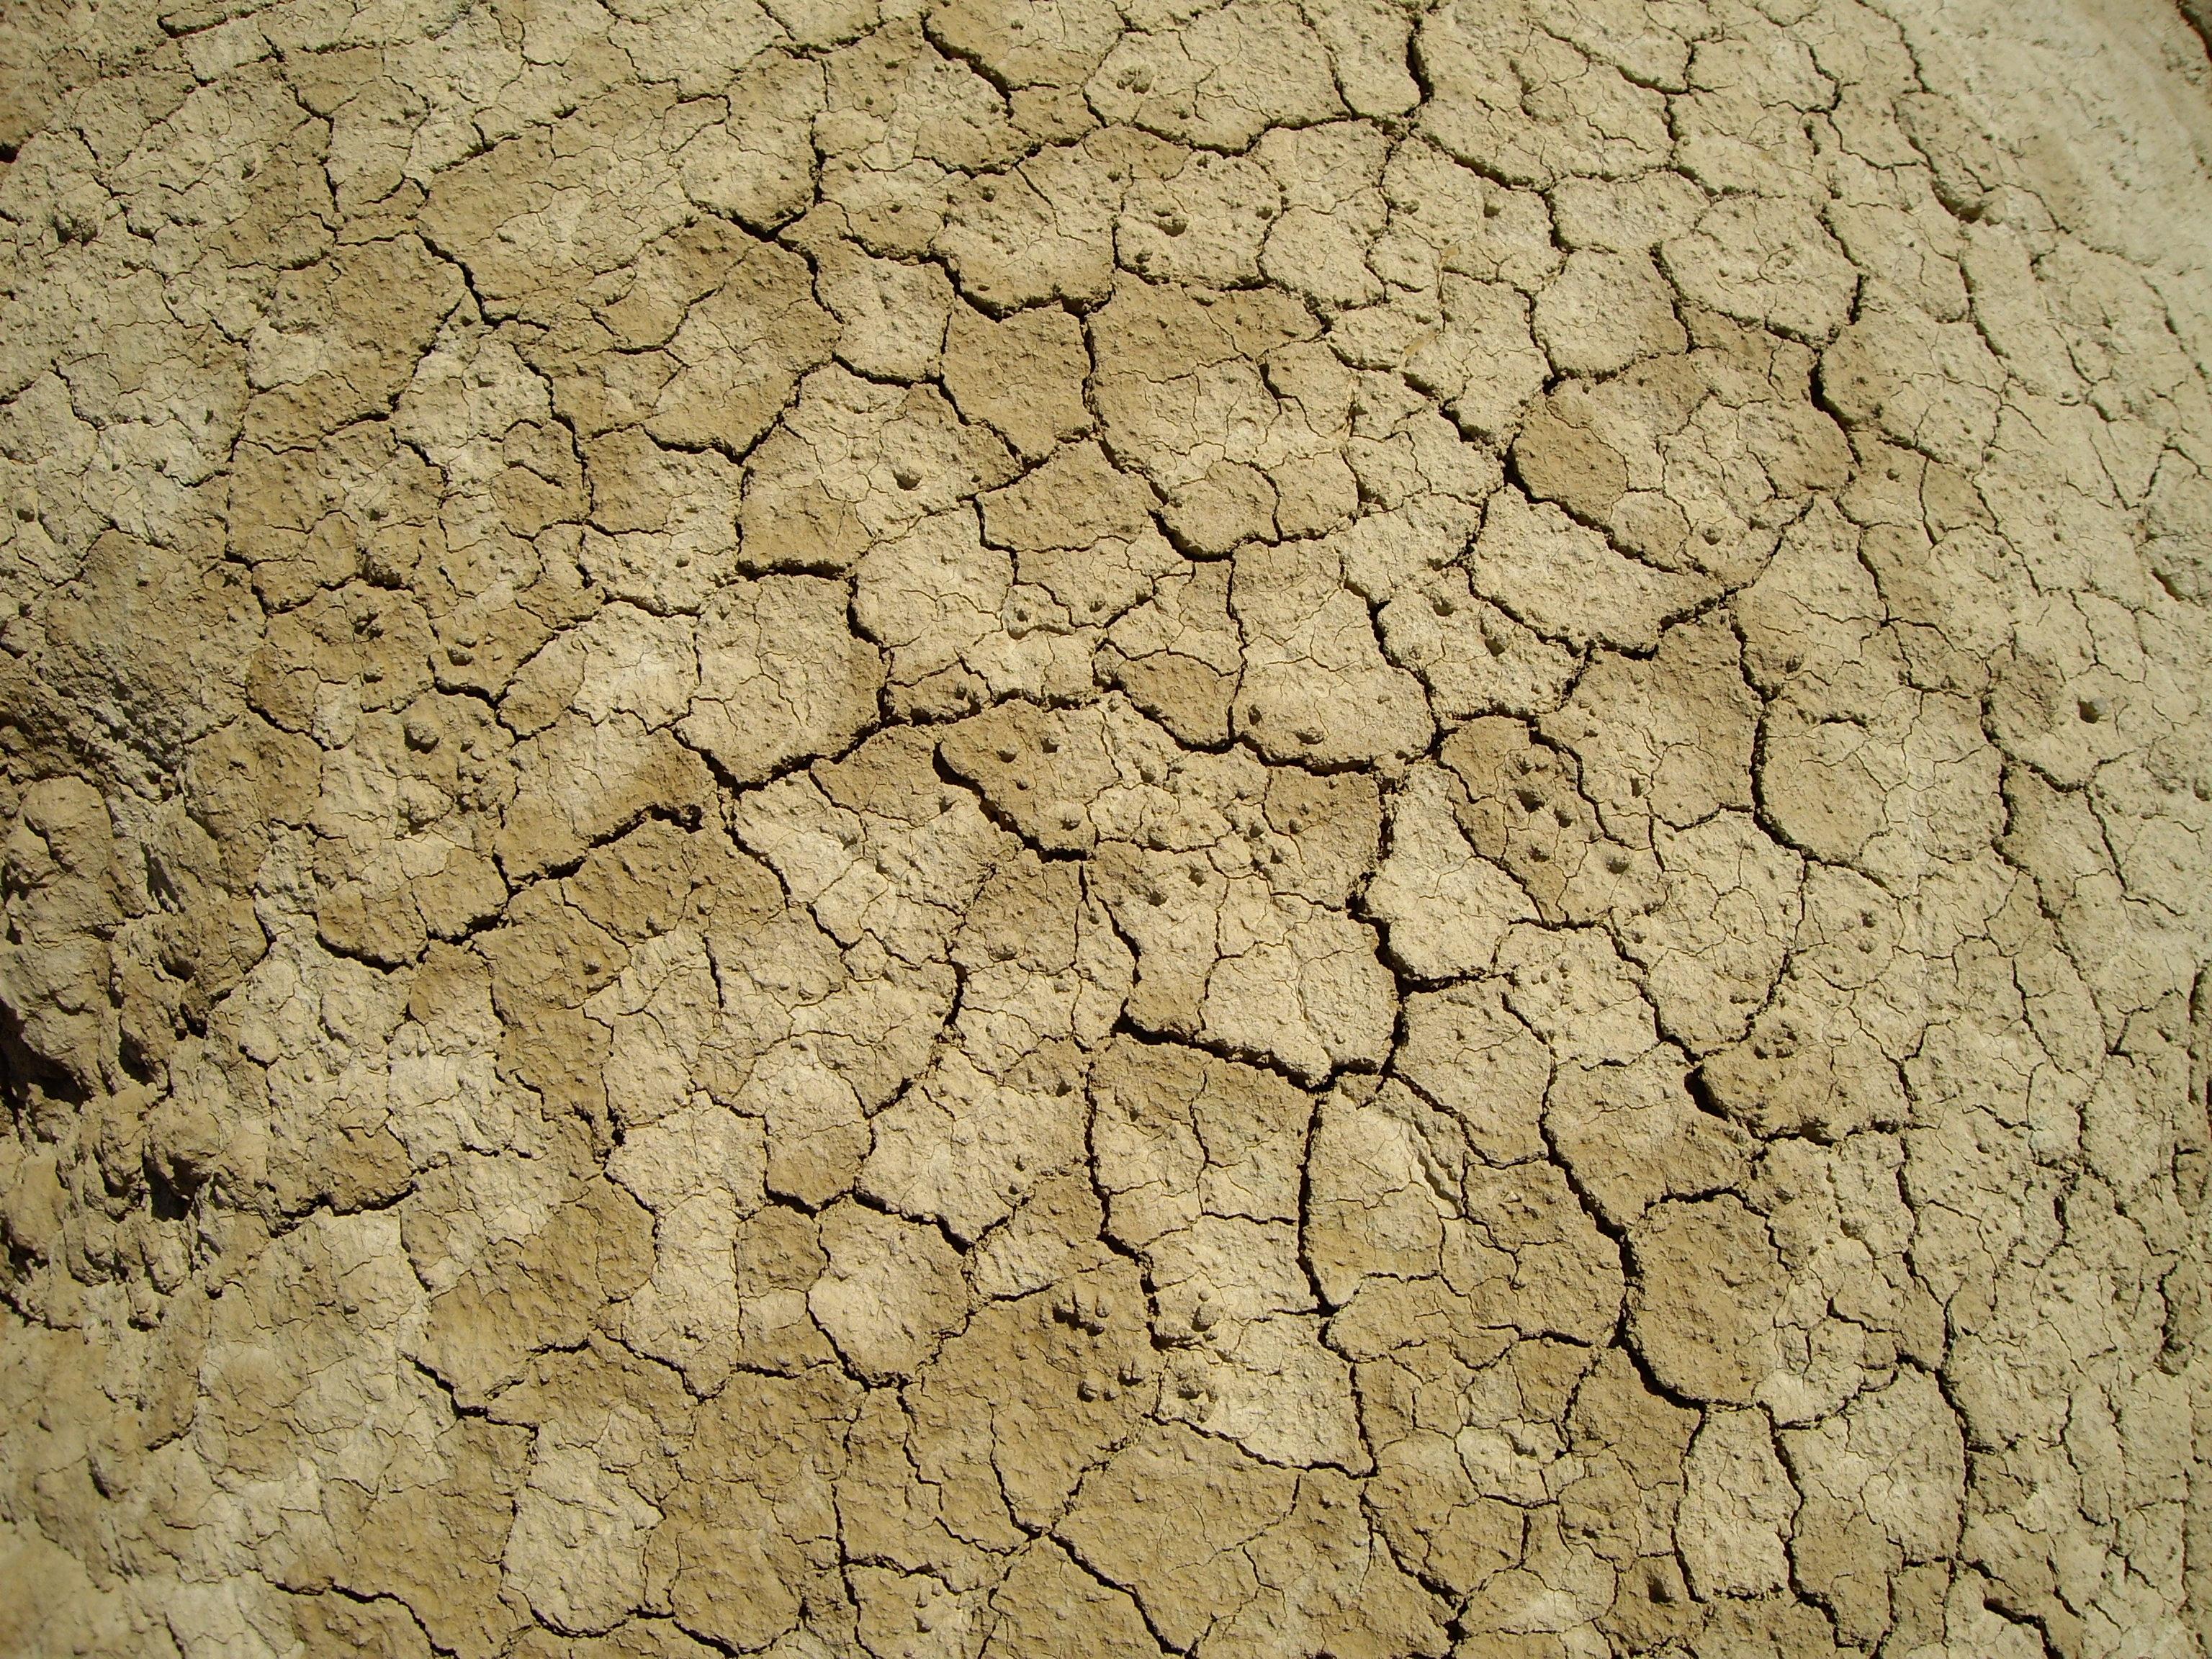 fotos gratis textura desierto piso pared asfalto